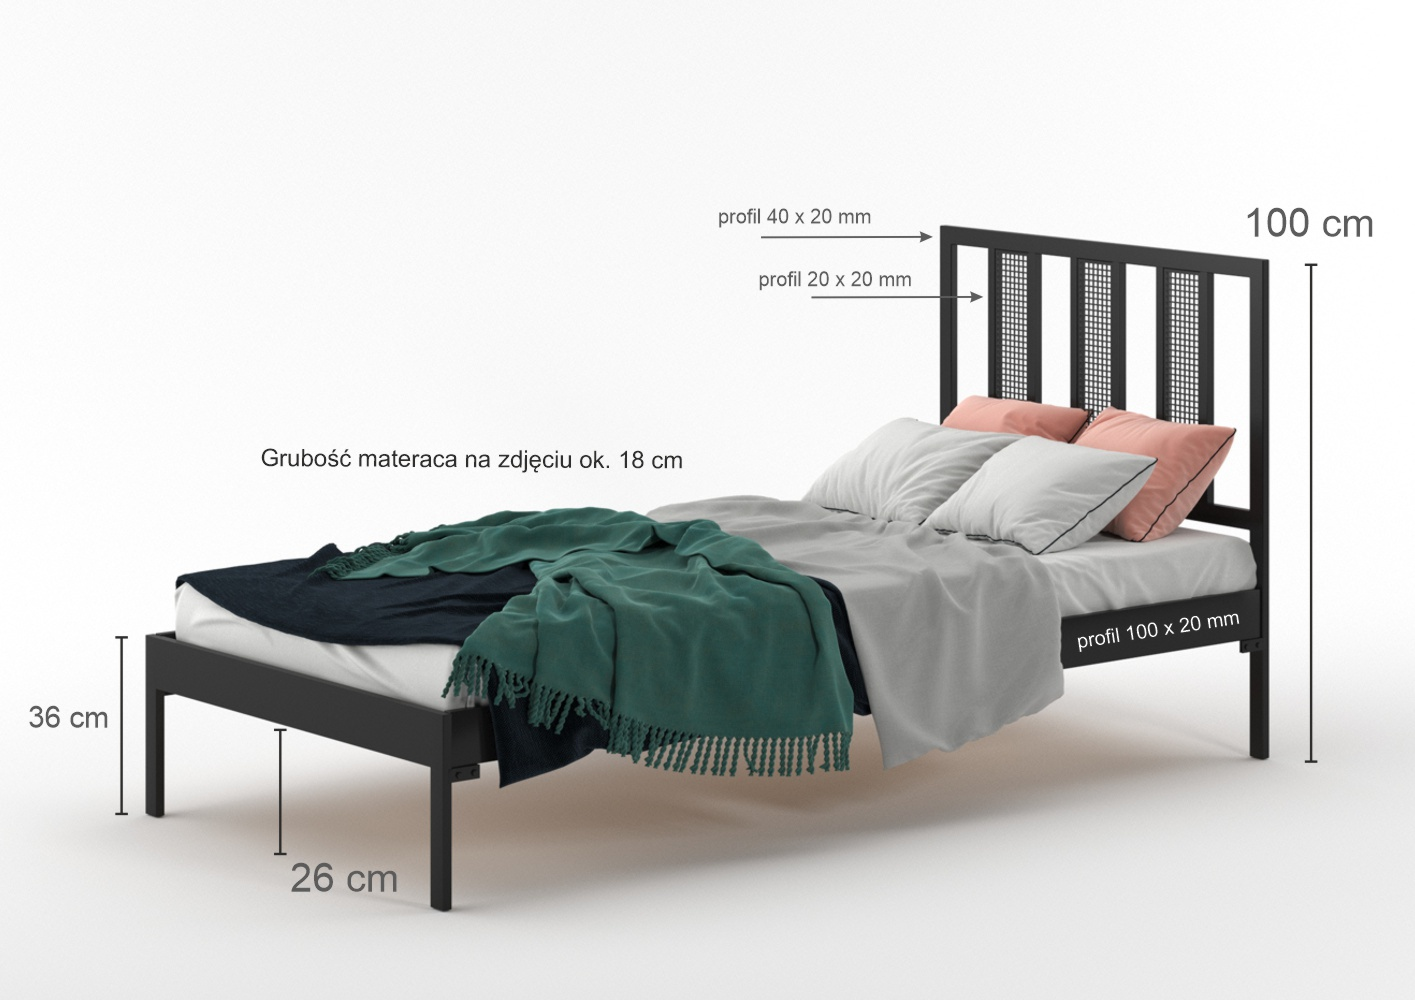 Łóżko metalowe Rio (wzór 16) szerokość 80-120 cm